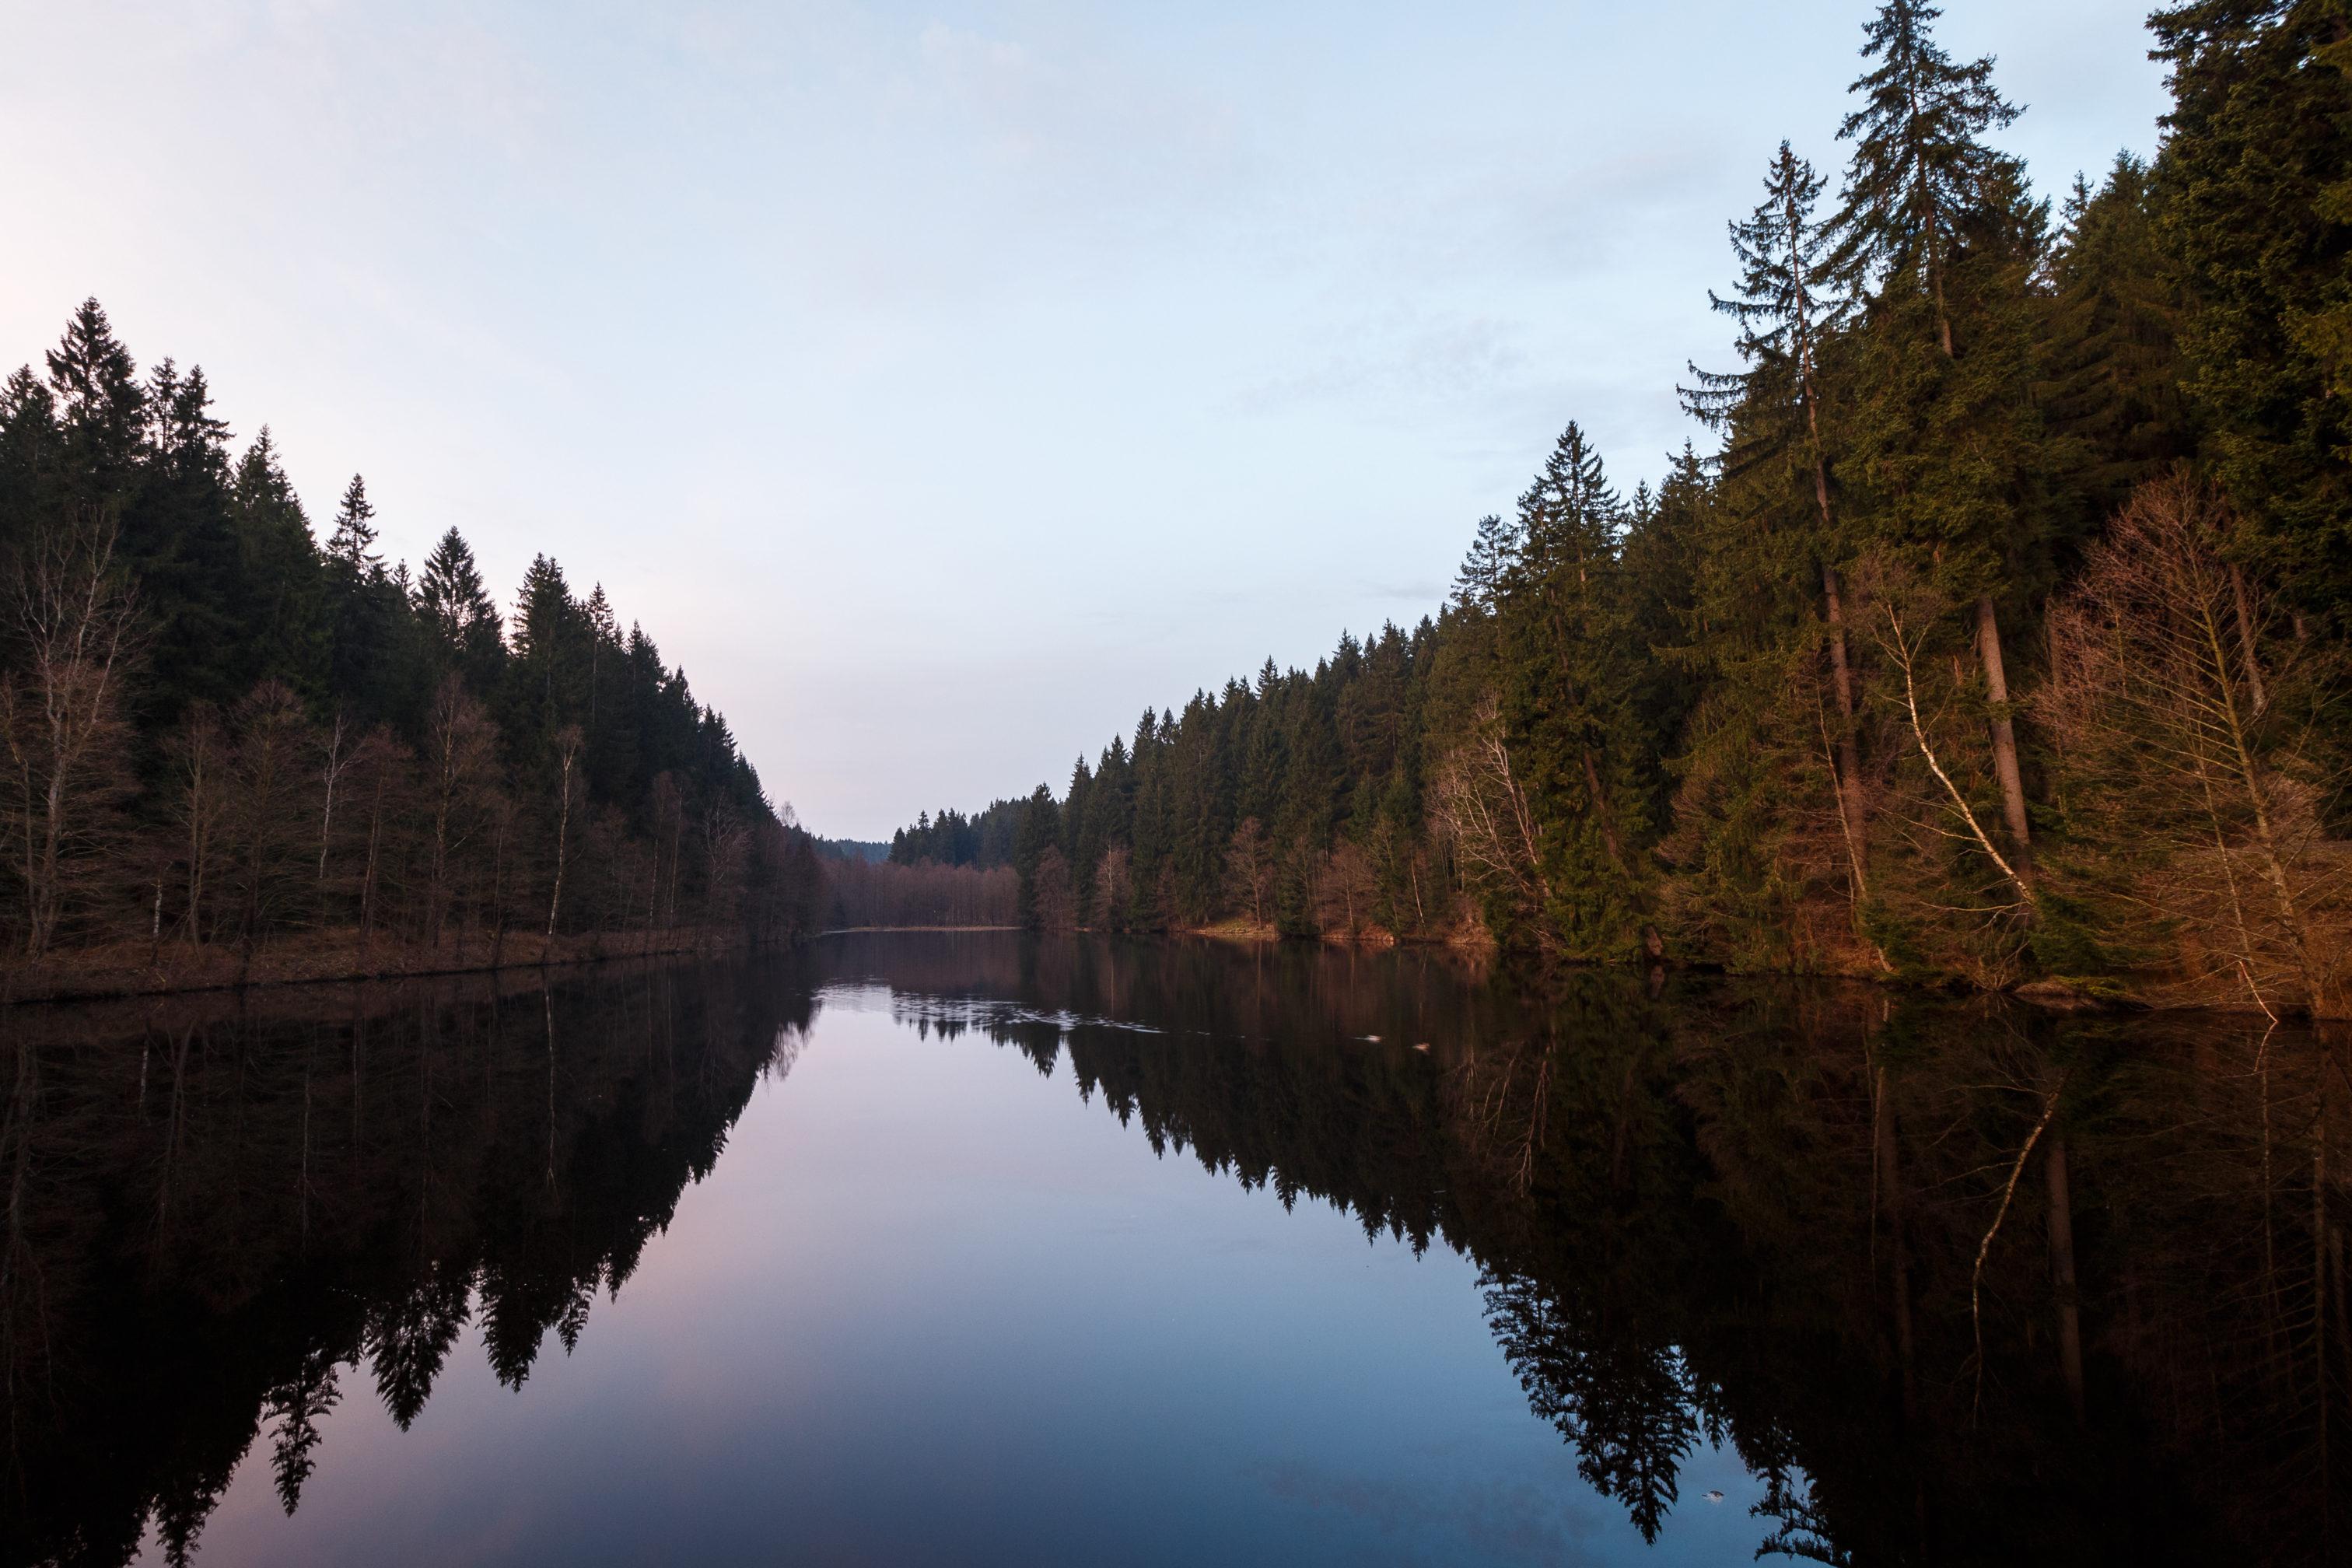 Reflexionen sind immer spannend, nicht nur in der Landschaftsfotografie